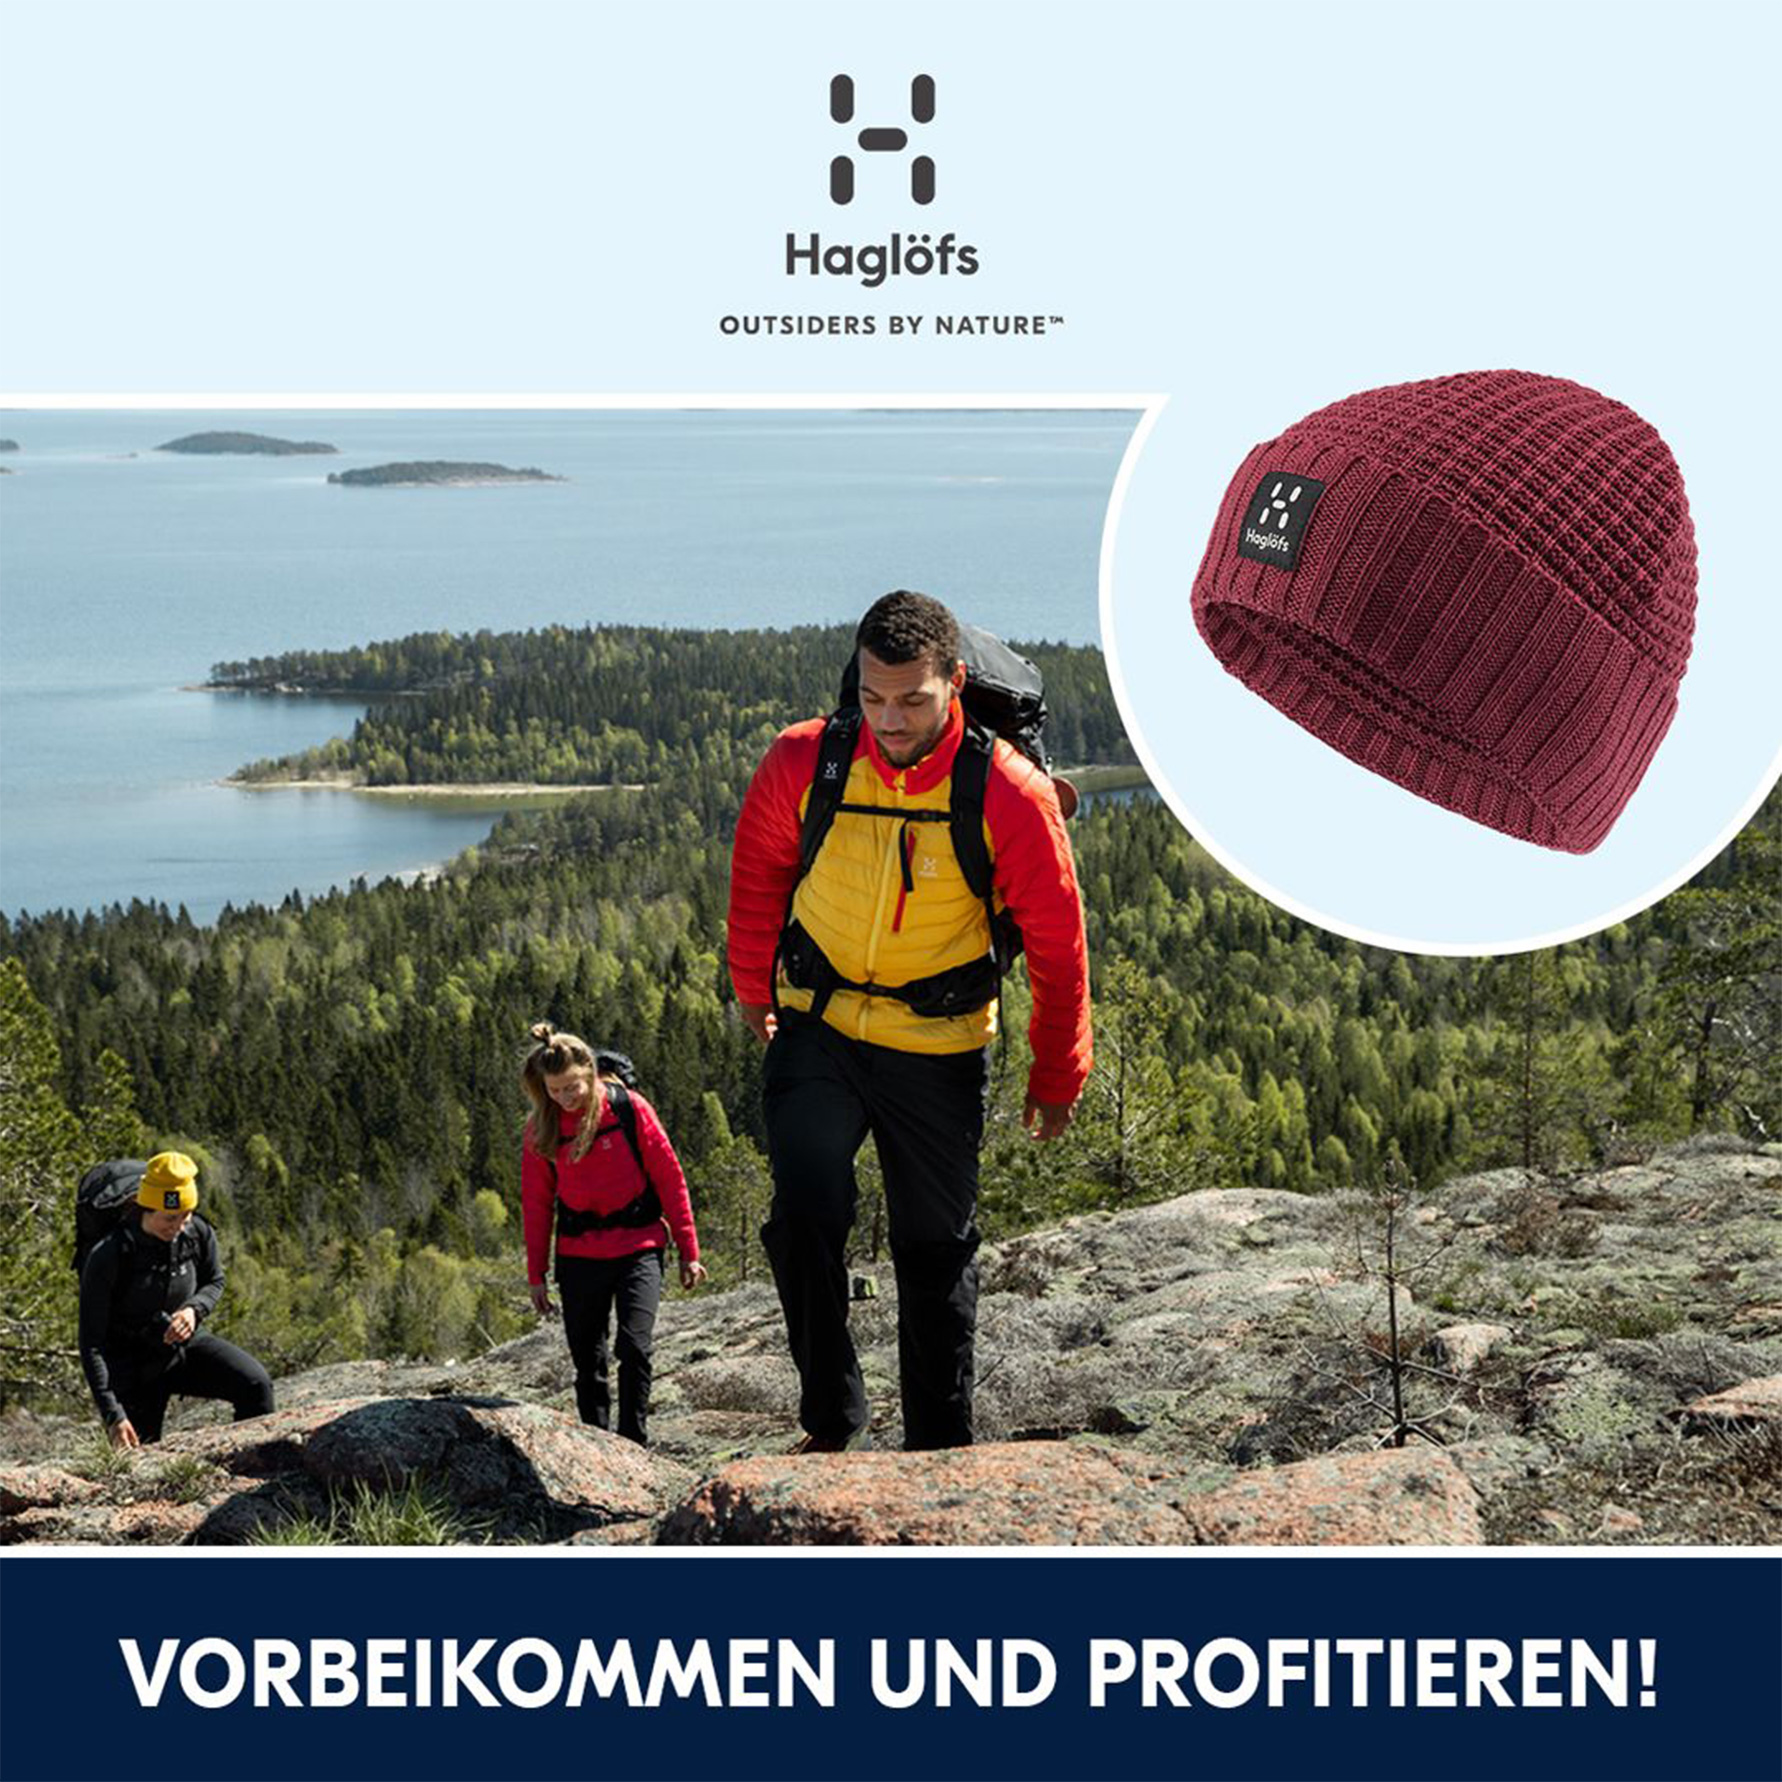 Haglöfs Mütze geschenkt in der Sportlerei in Erding